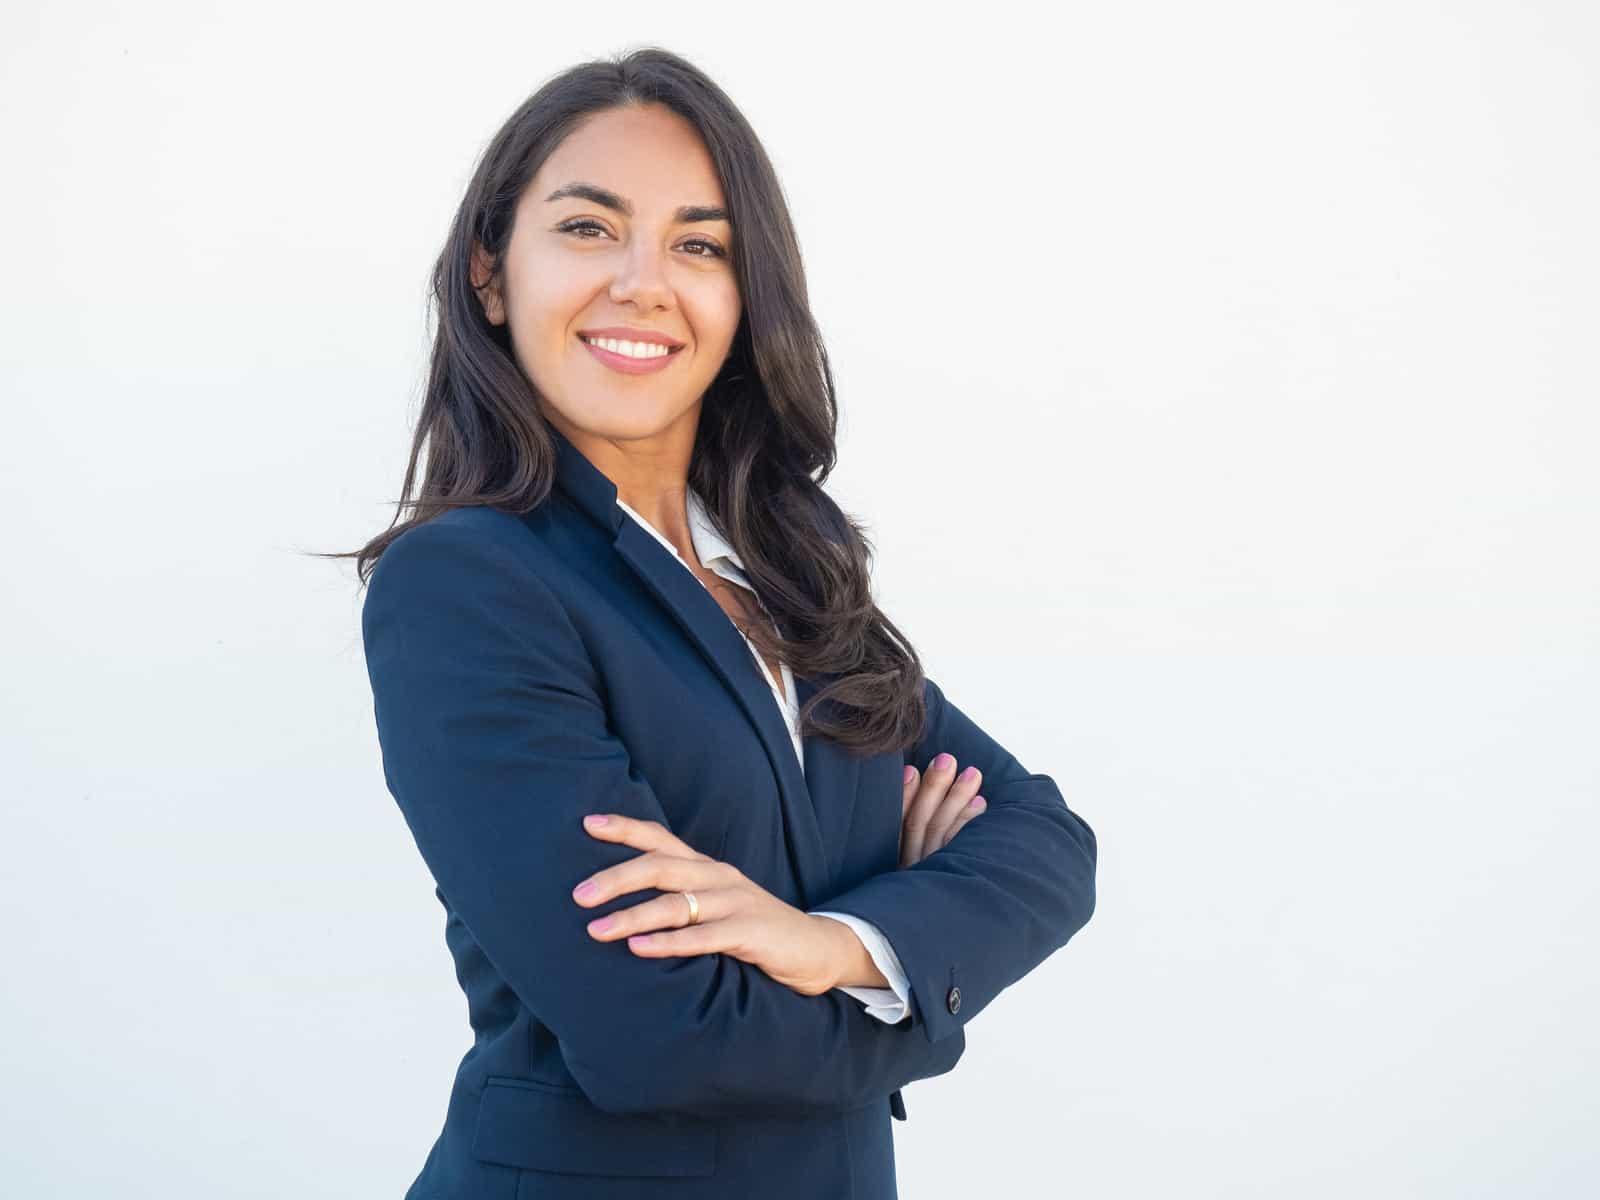 confident female real estate agent